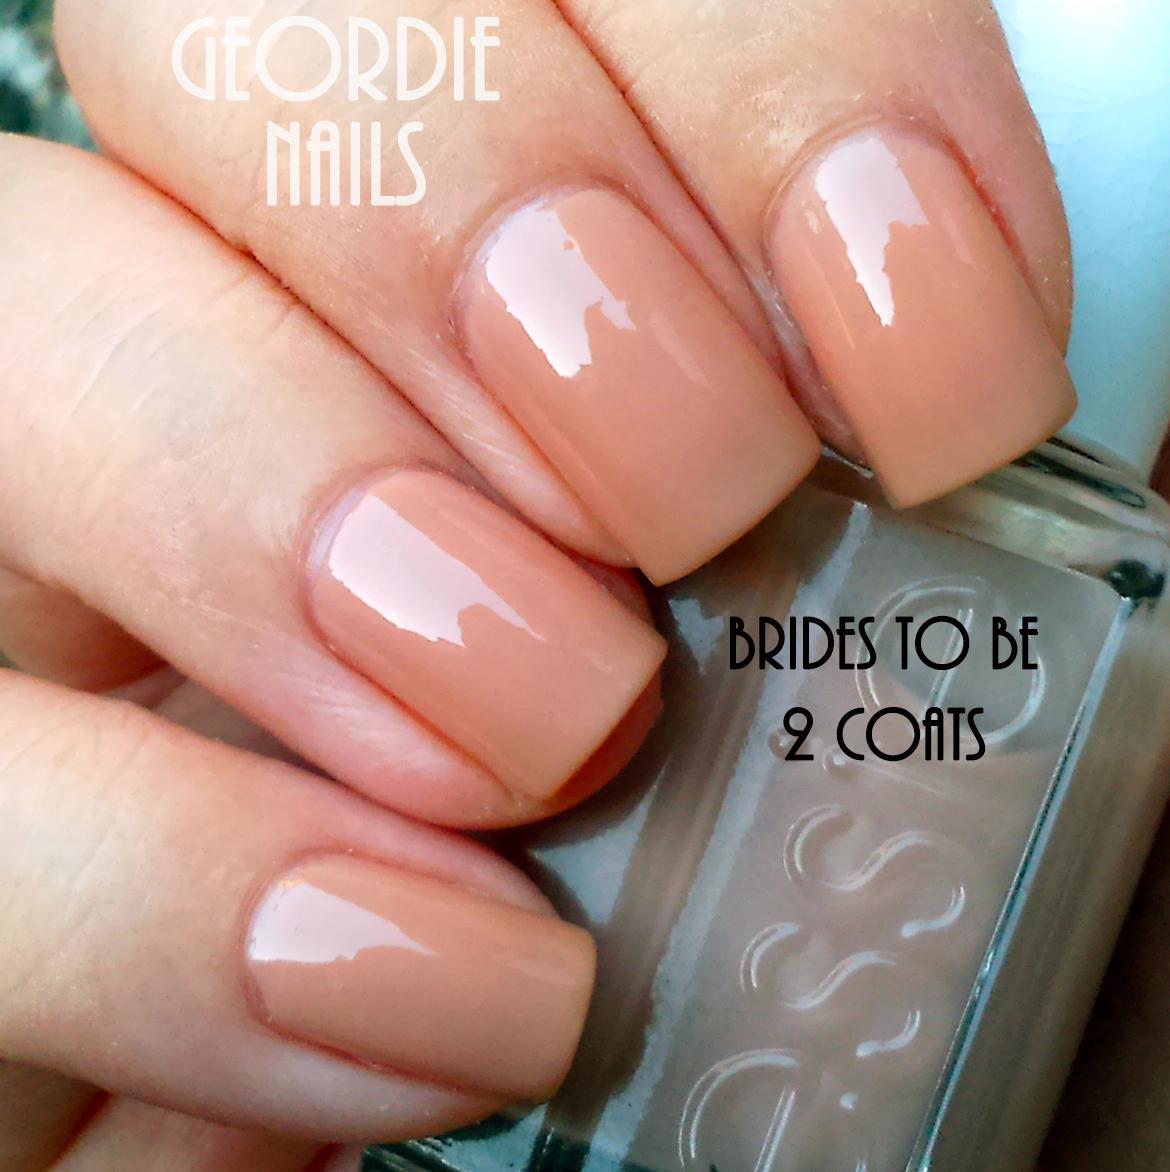 Geordie Nails: August 2015